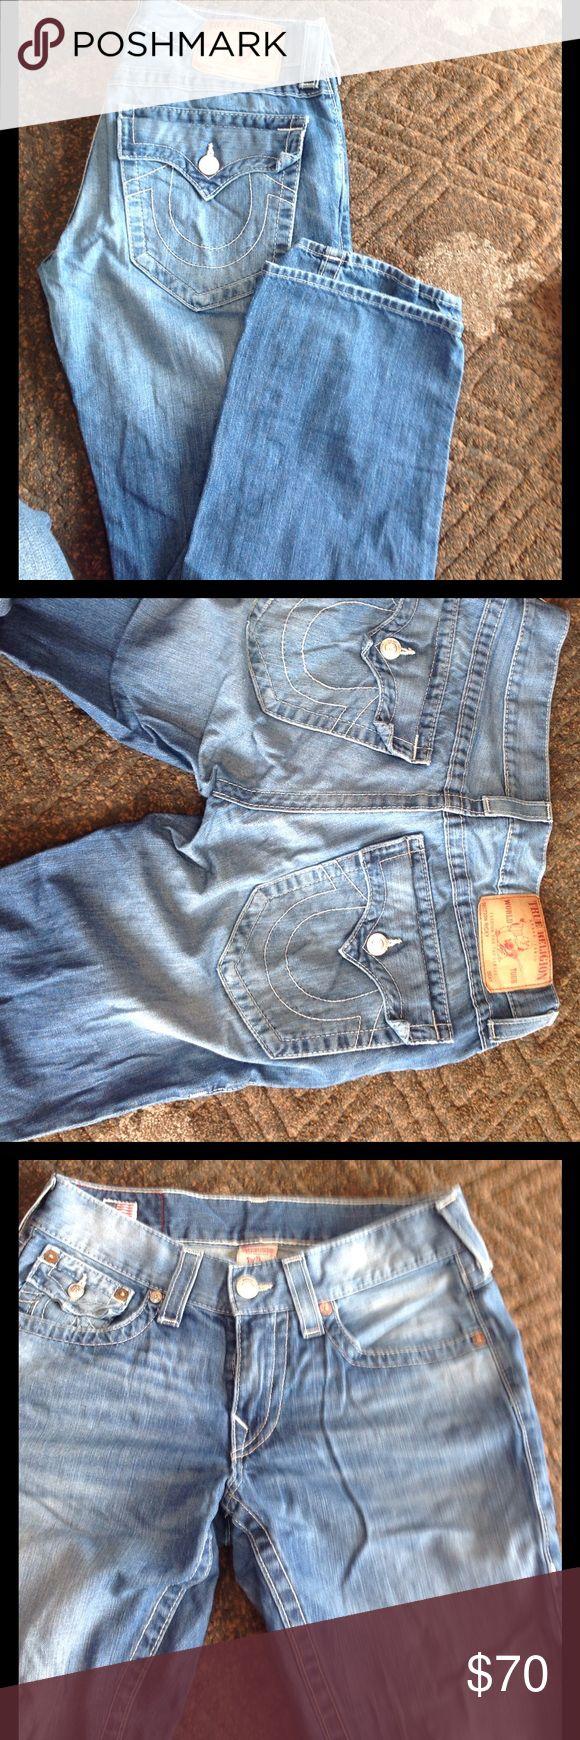 Light denim jeans Men's true religion jeans, like new, strait leg size 31x32 True Religion Jeans Straight